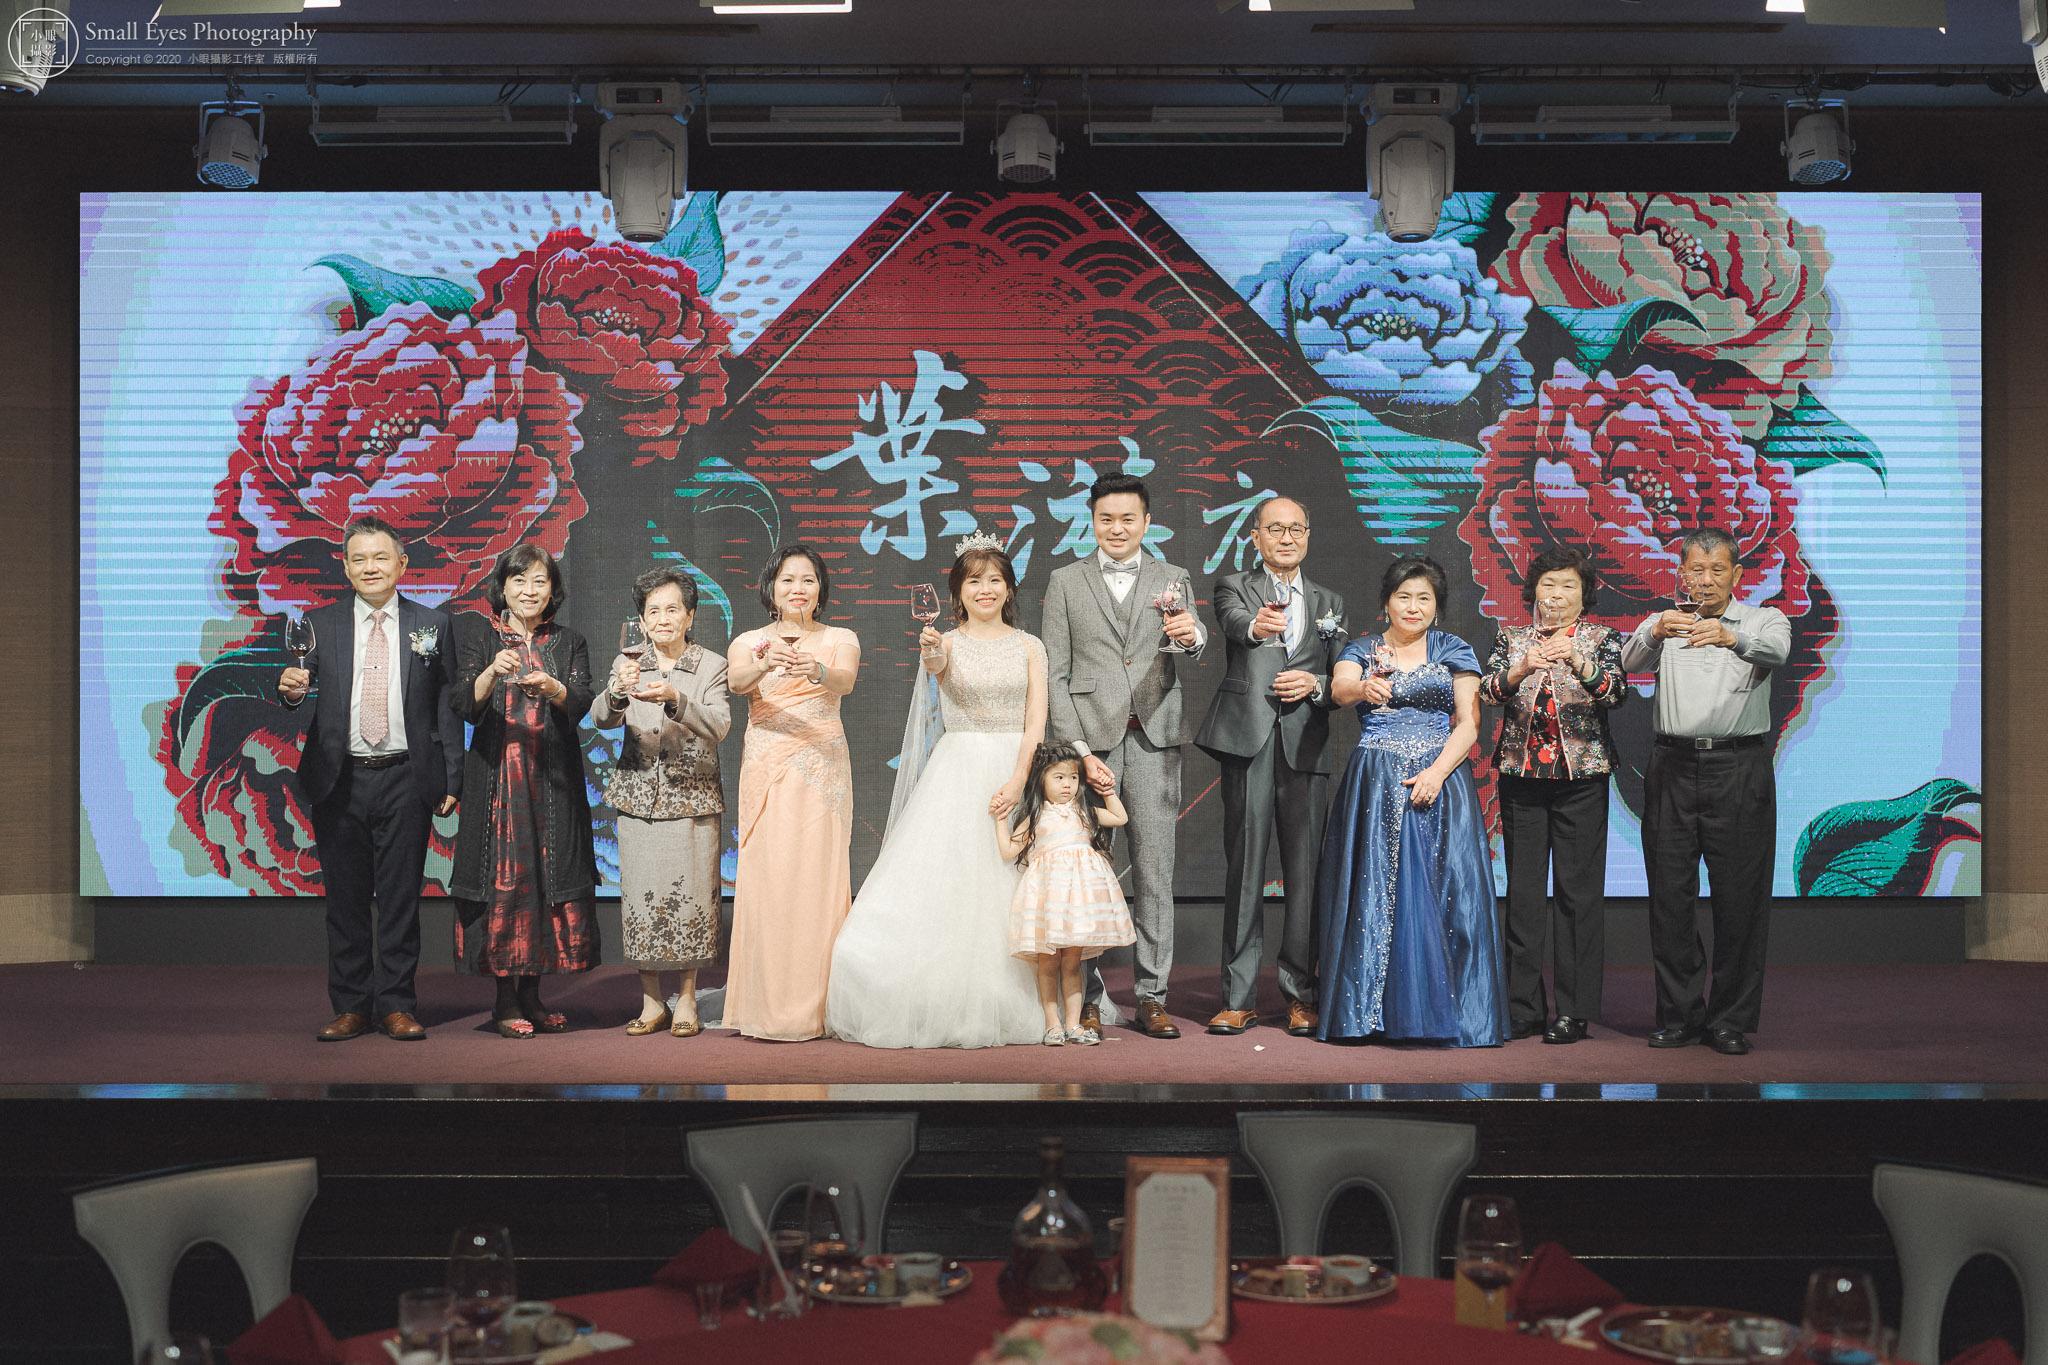 【婚禮紀實】婚攝小眼 - 俊寬 & 依頻 - 婚禮紀錄 @台北國賓大飯店